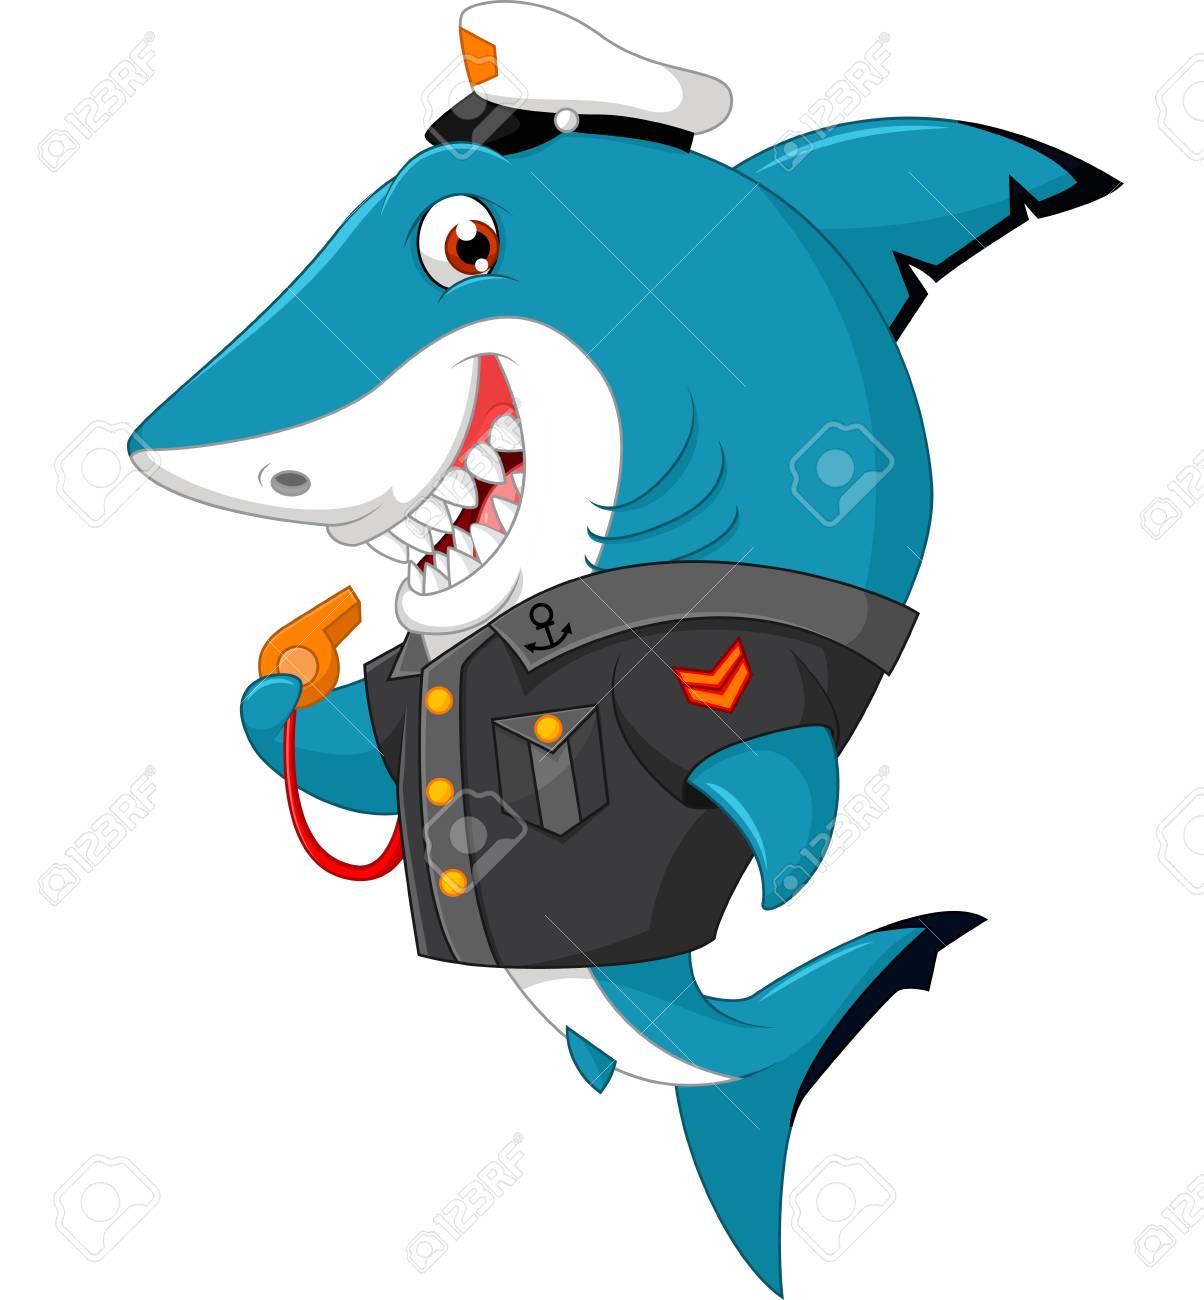 Shark cartoon illustration - 61800984